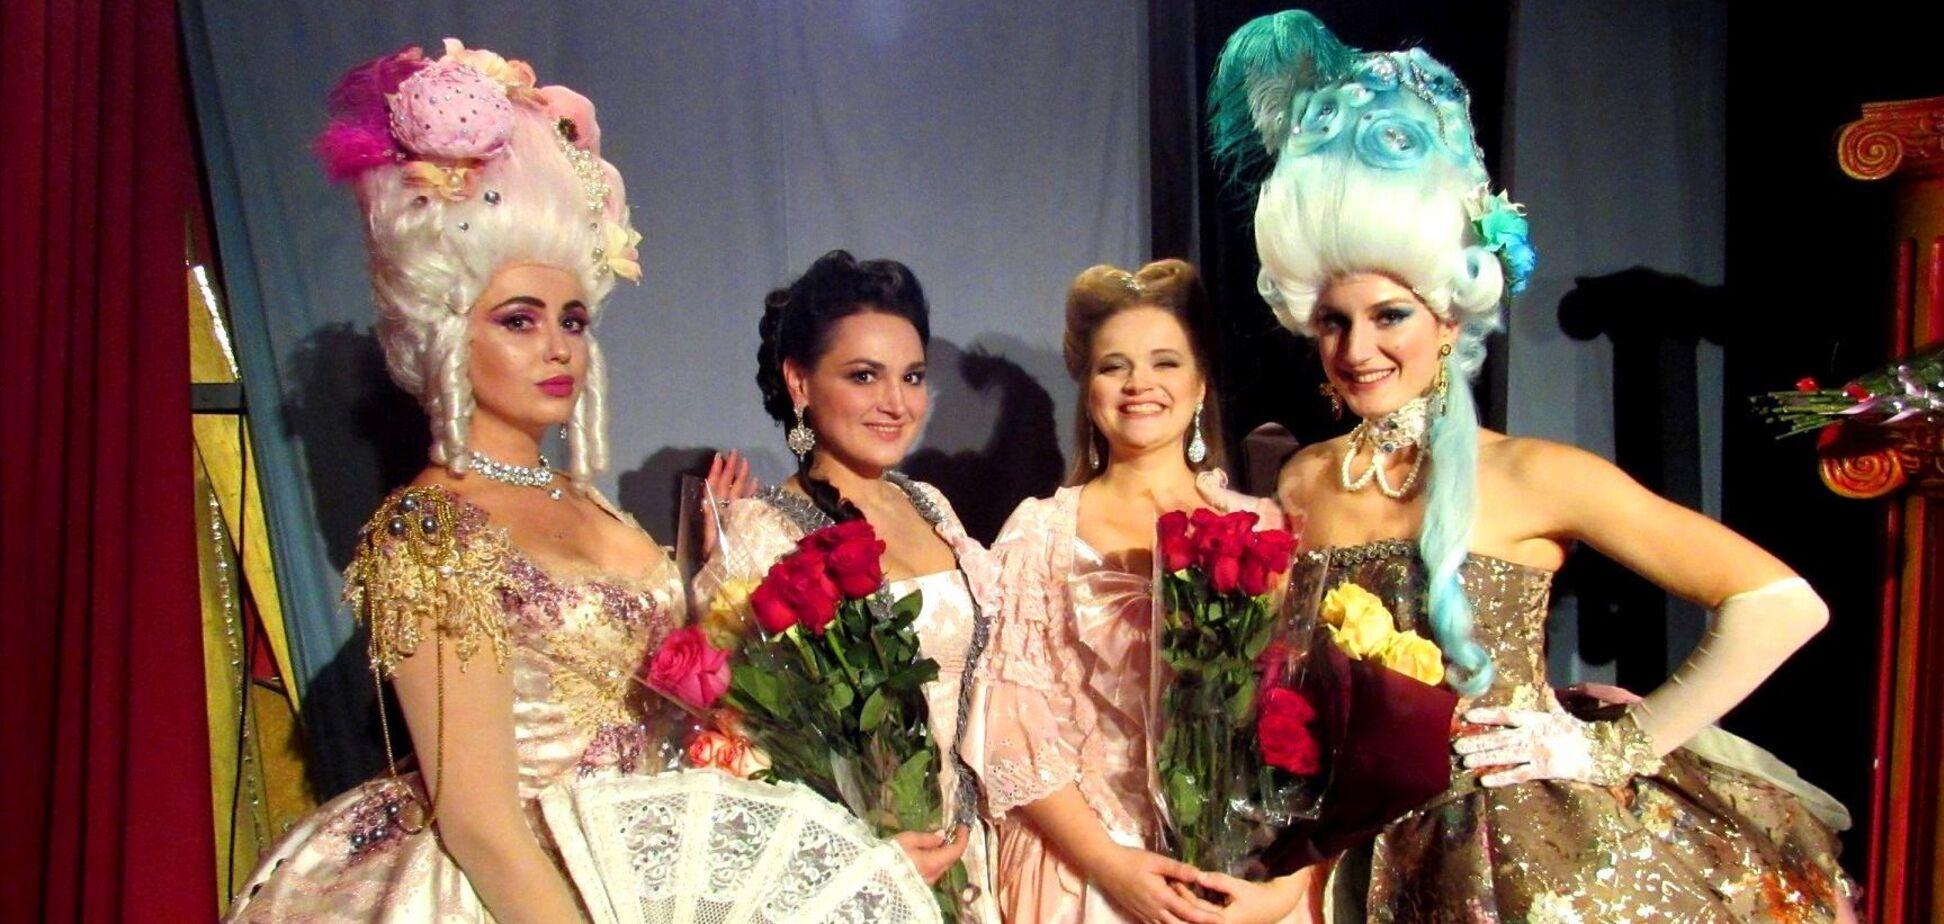 24 октября в Национальной оперетте состоится спектакль-концерт 'Шедевры барочной музыки. Итальянское барокко'